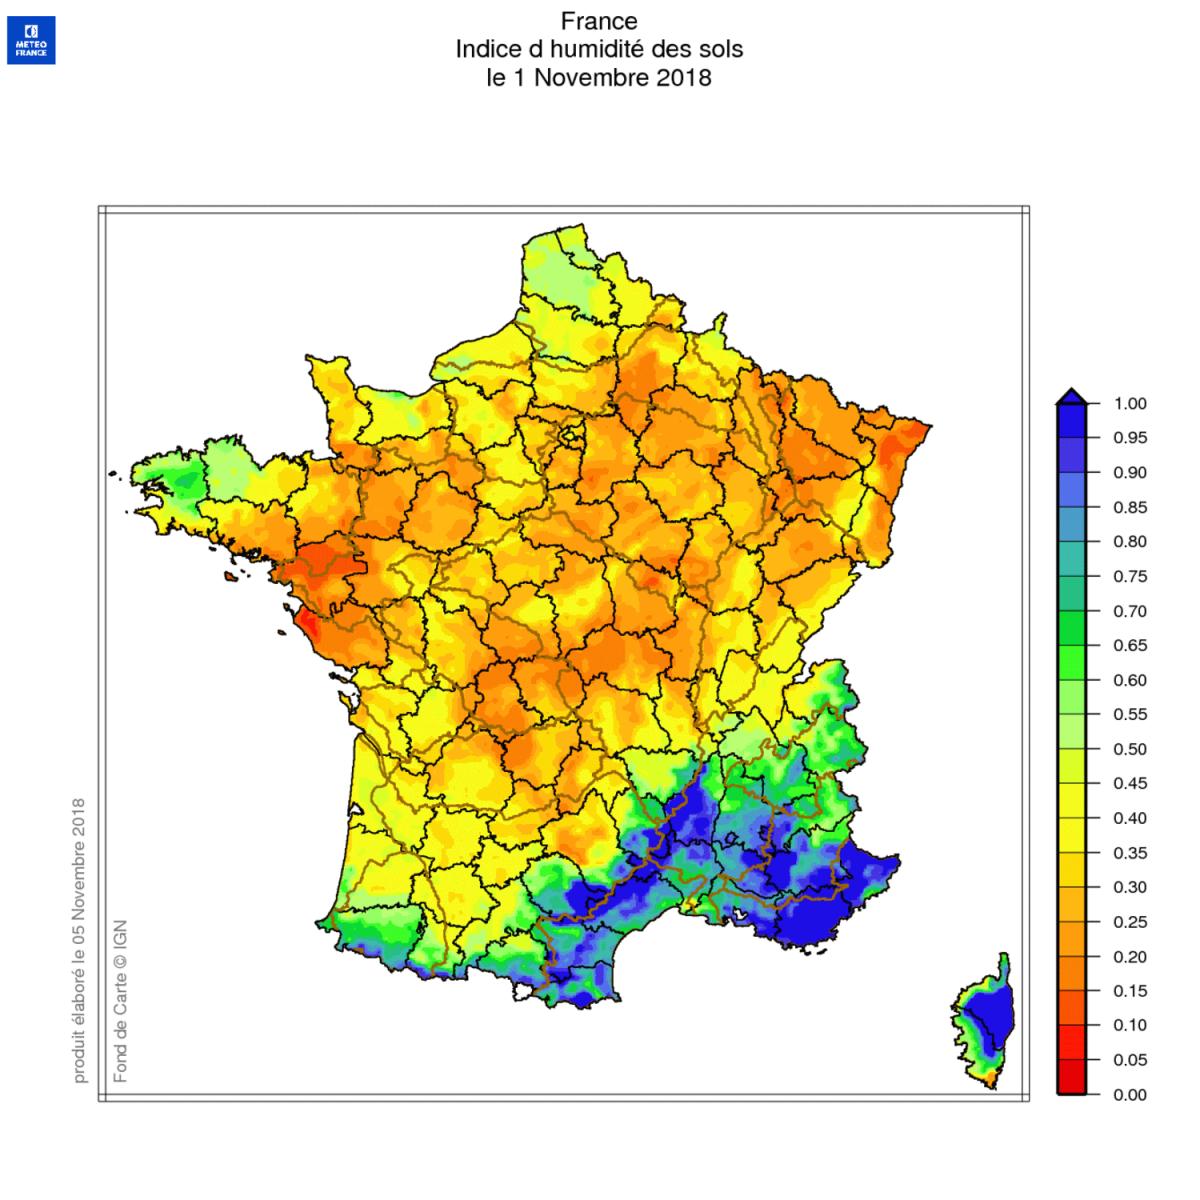 Image d'illustration pour Sécheresse : situation hydrologique toujours inquiétante